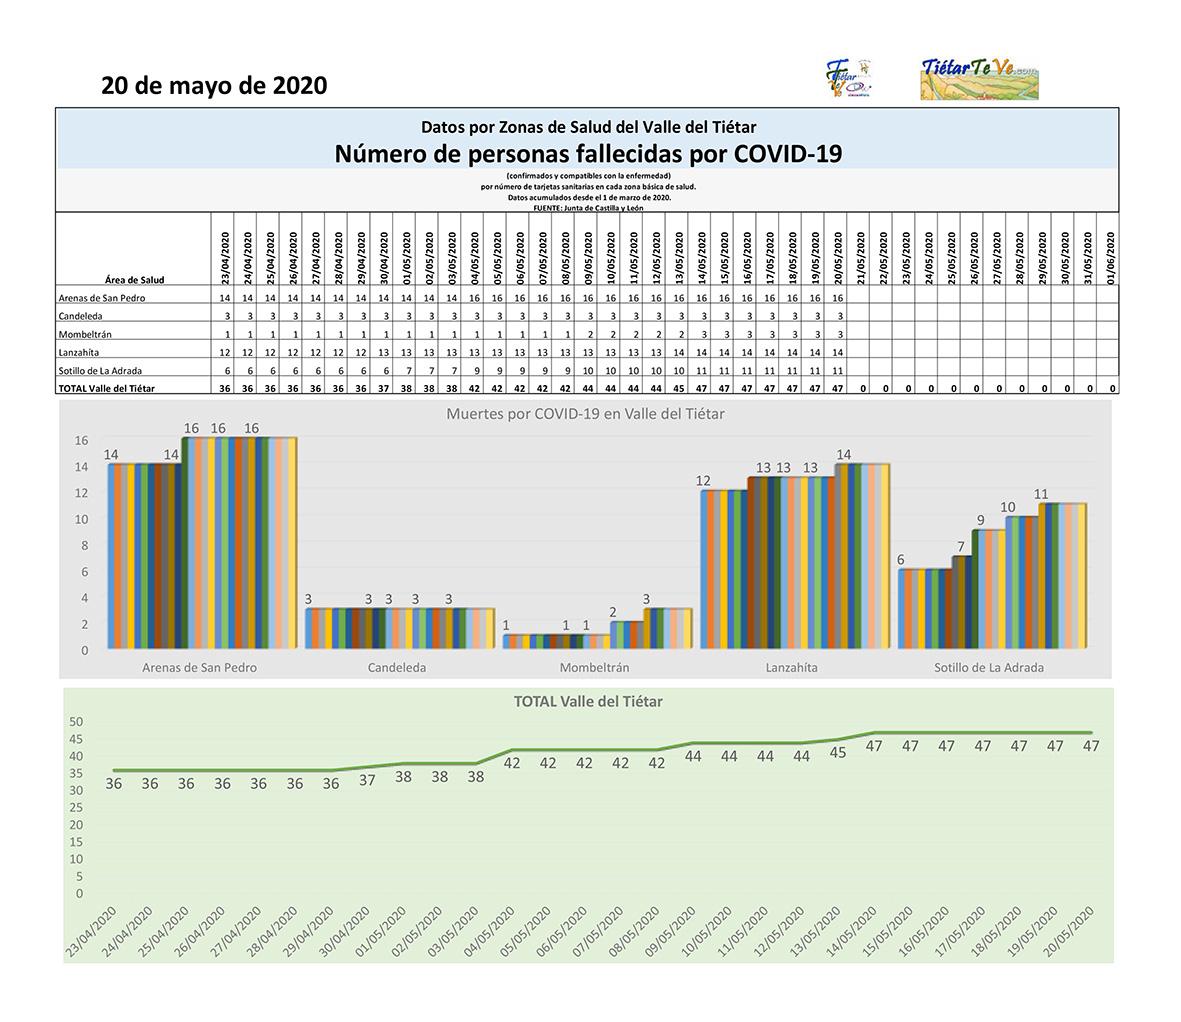 2020-05-20 Casos Coronavirus en el Valle del Tiétar - Fallecimientos por COVID-19 - TiétarTeVe